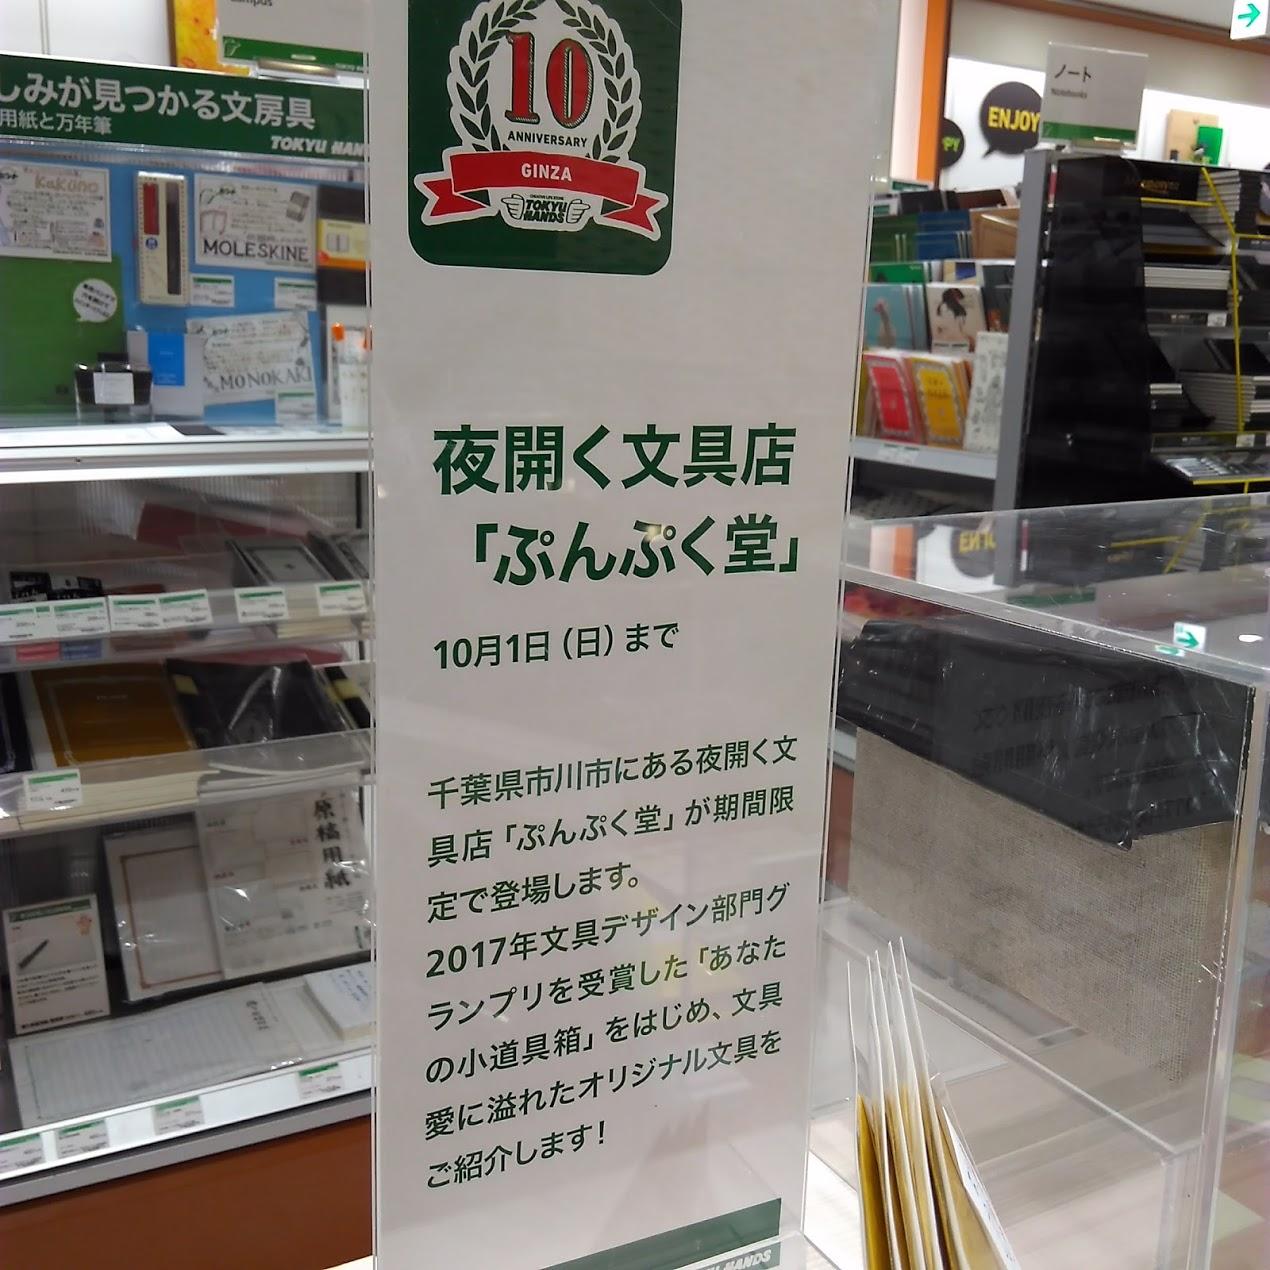 【9/10東急ハンズ銀座店に来店!】店主が商品説明します。